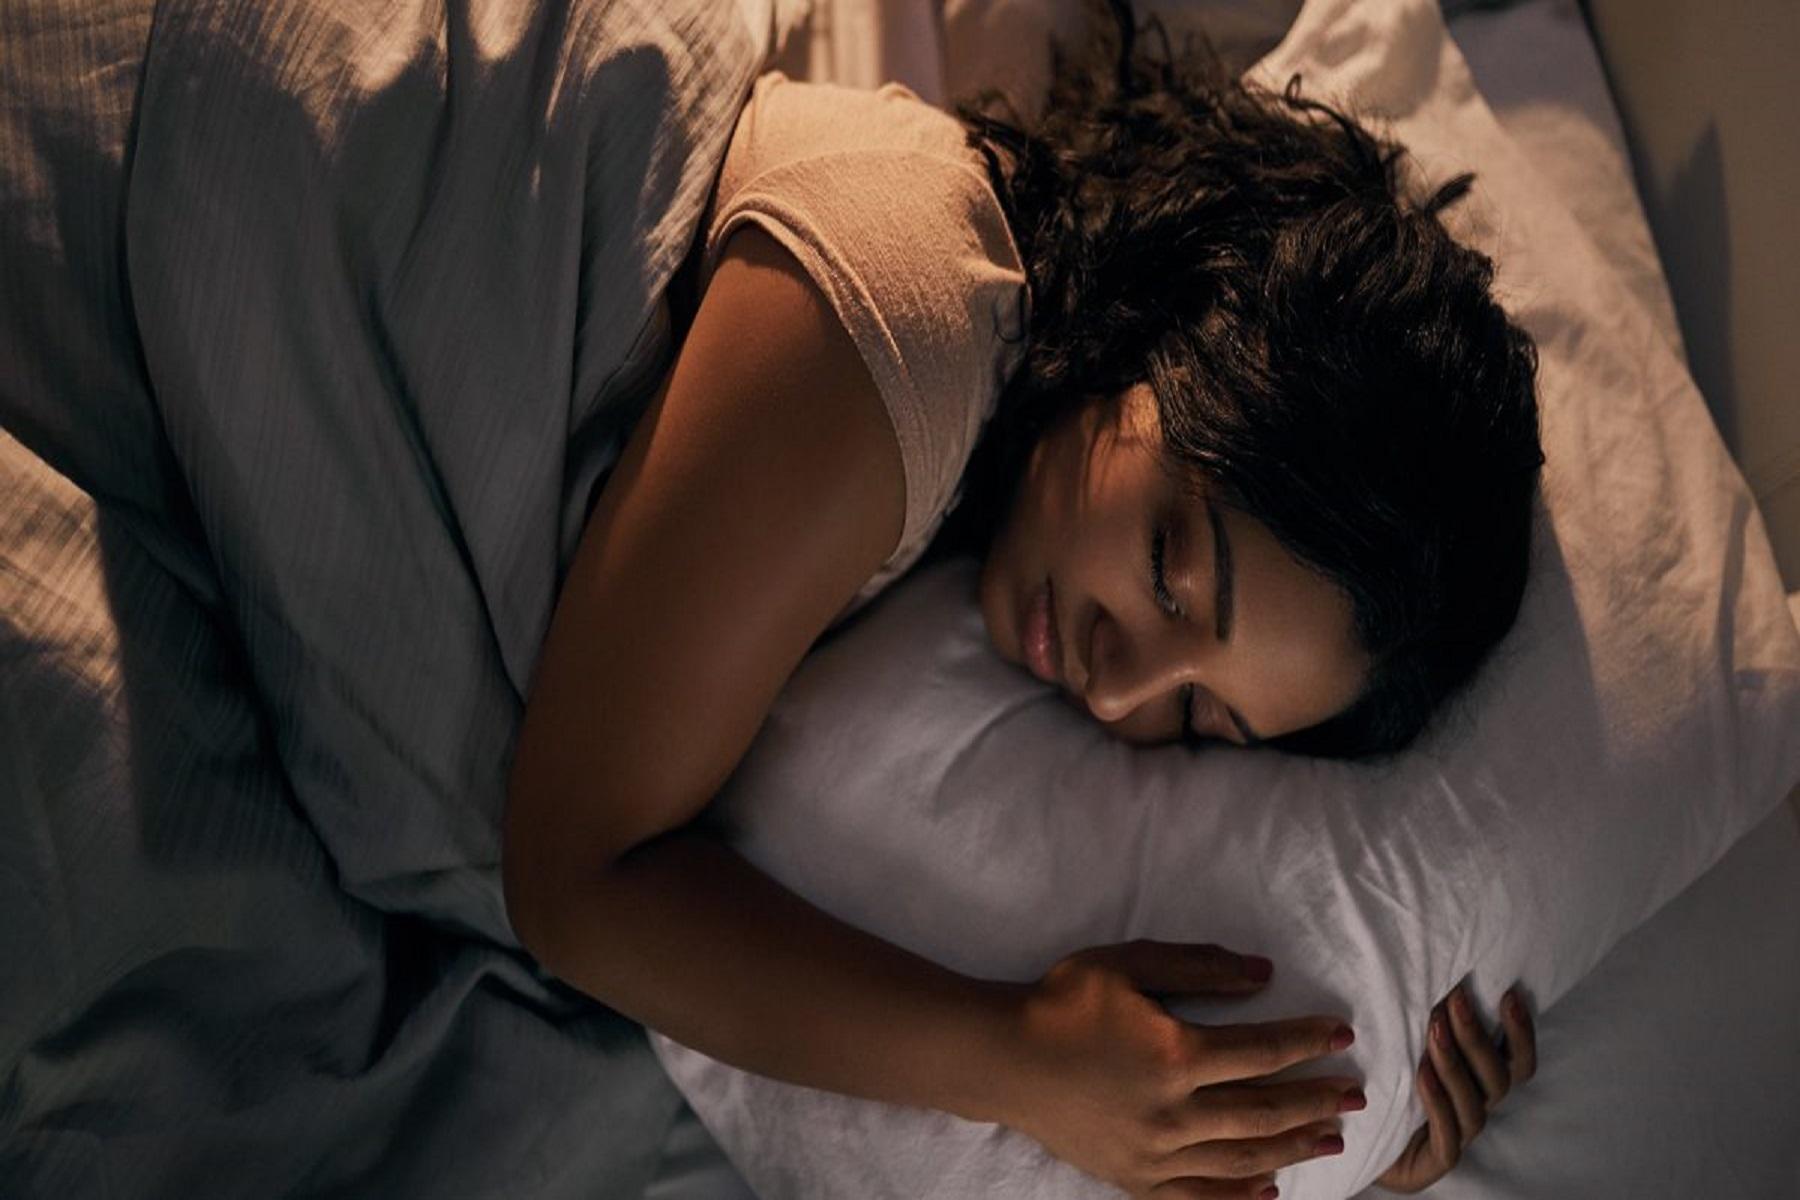 Άγχος, ύπνος και ανοσία: Συμβουλές για βελτίωση της ζωής